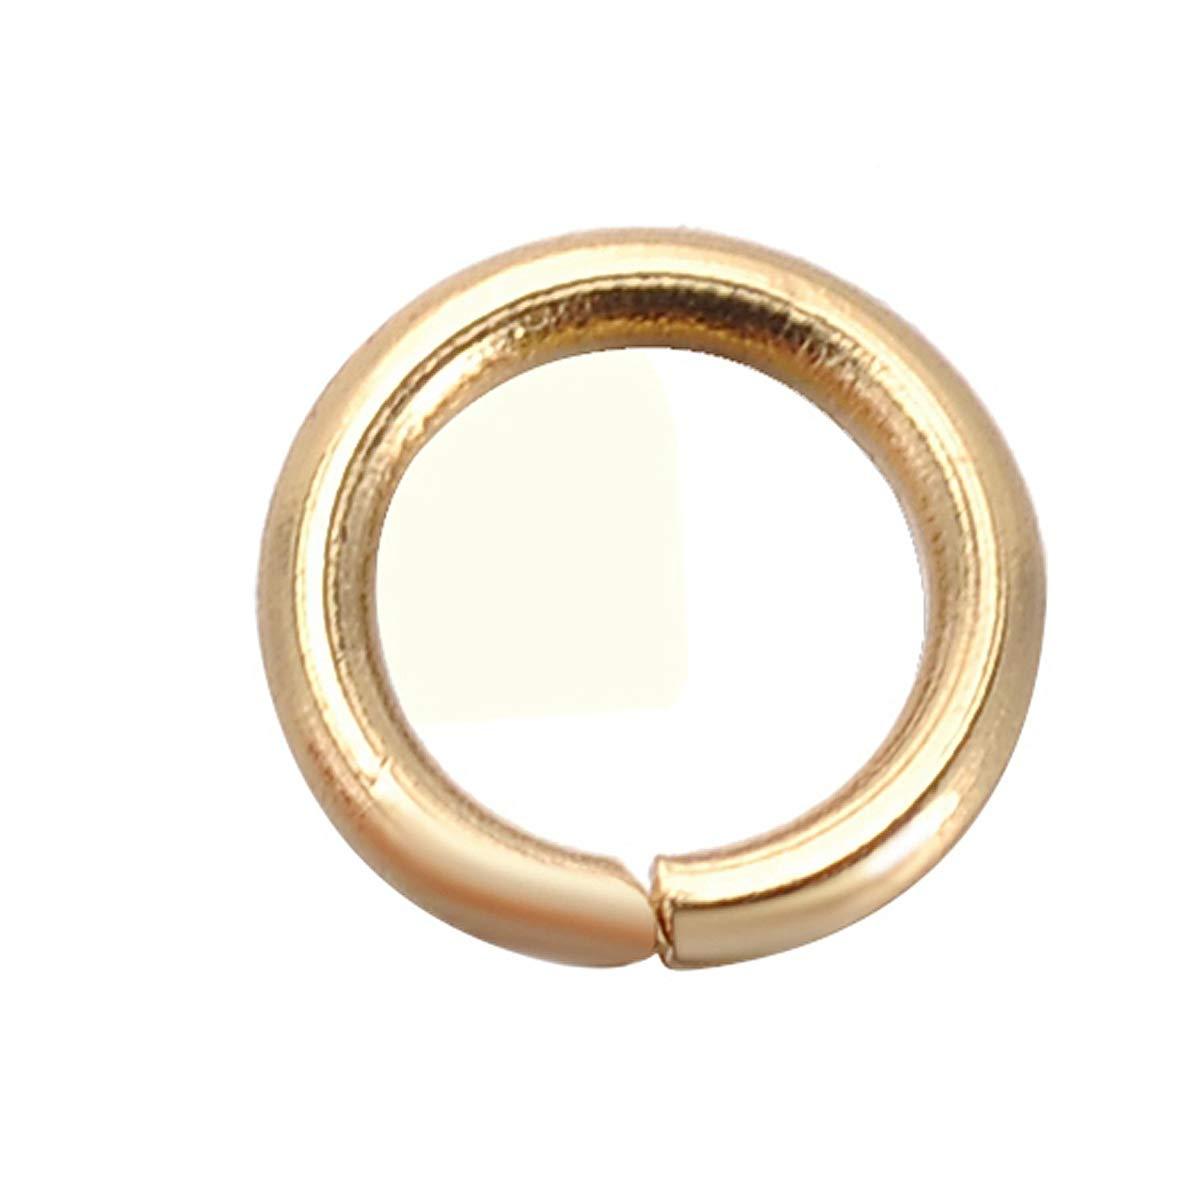 4mmx0.7mm Shengyaju Lot de 30 anneaux ouverts en acier inoxydable plaqu/é or 4 mm Acier inoxydable